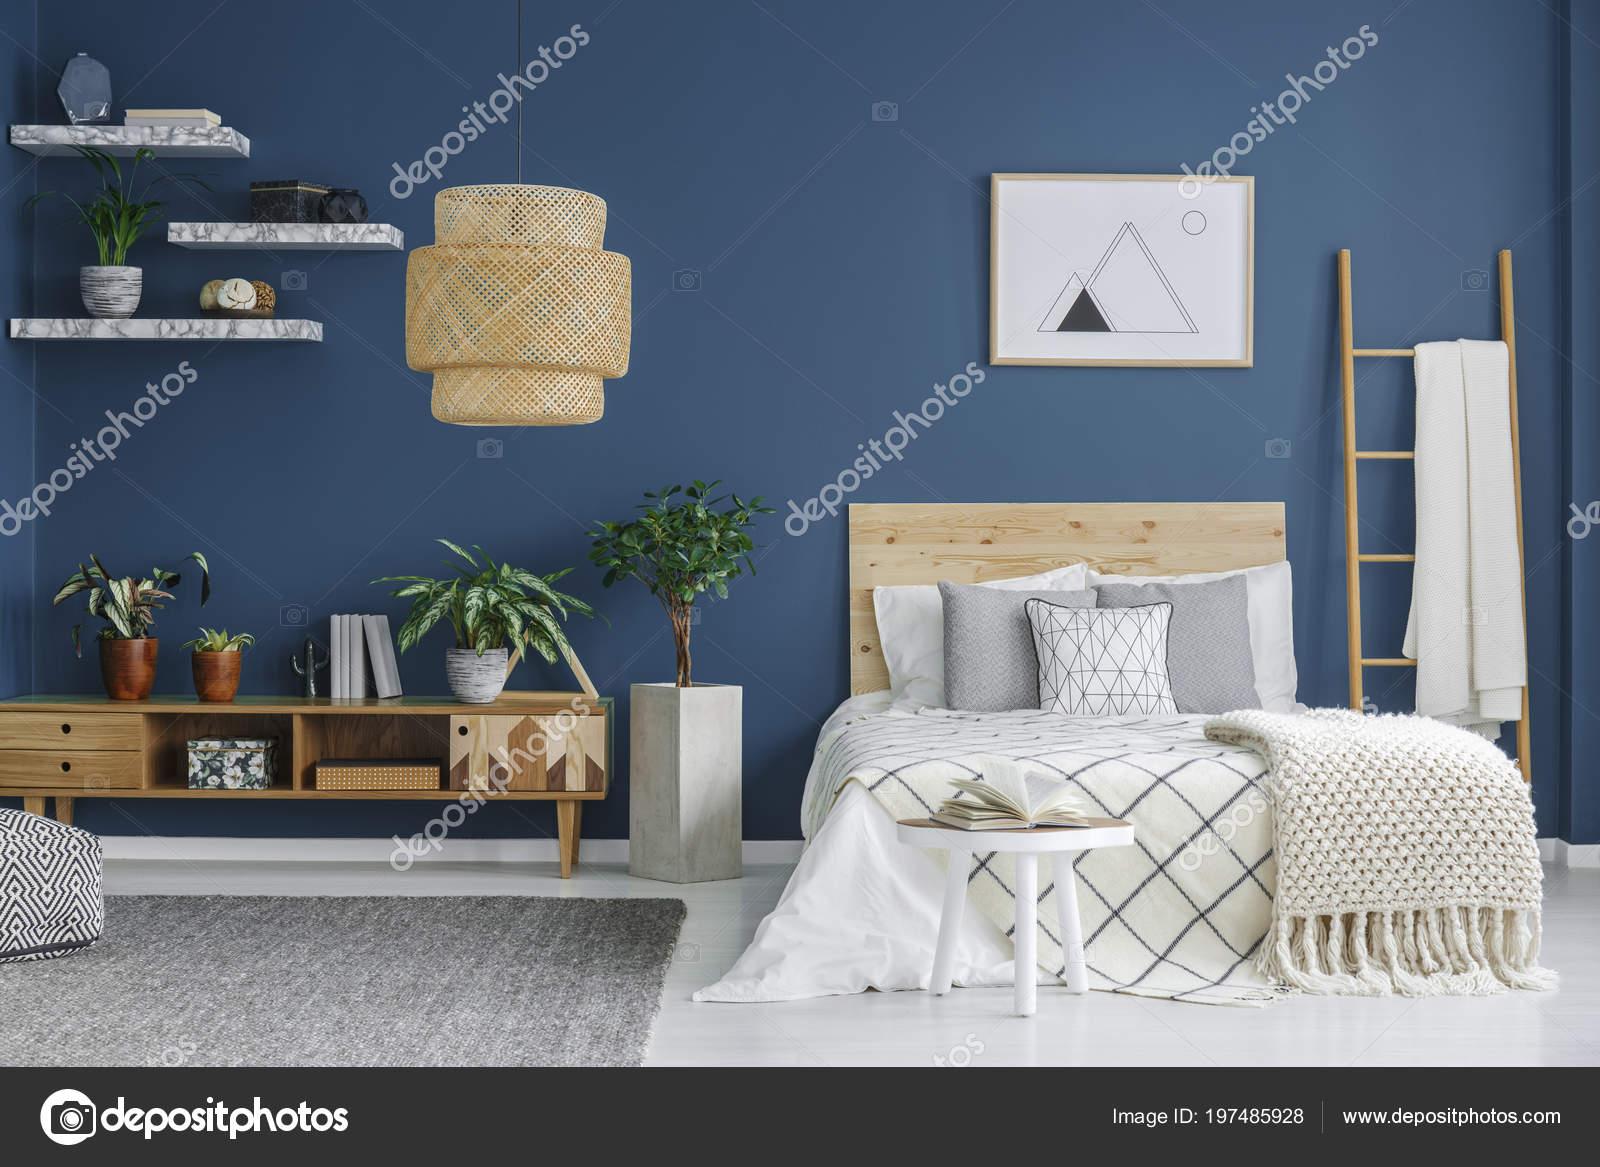 Interior Acogedor Dormitorio Con Cama Doble Mueble Madera Lámpara ...